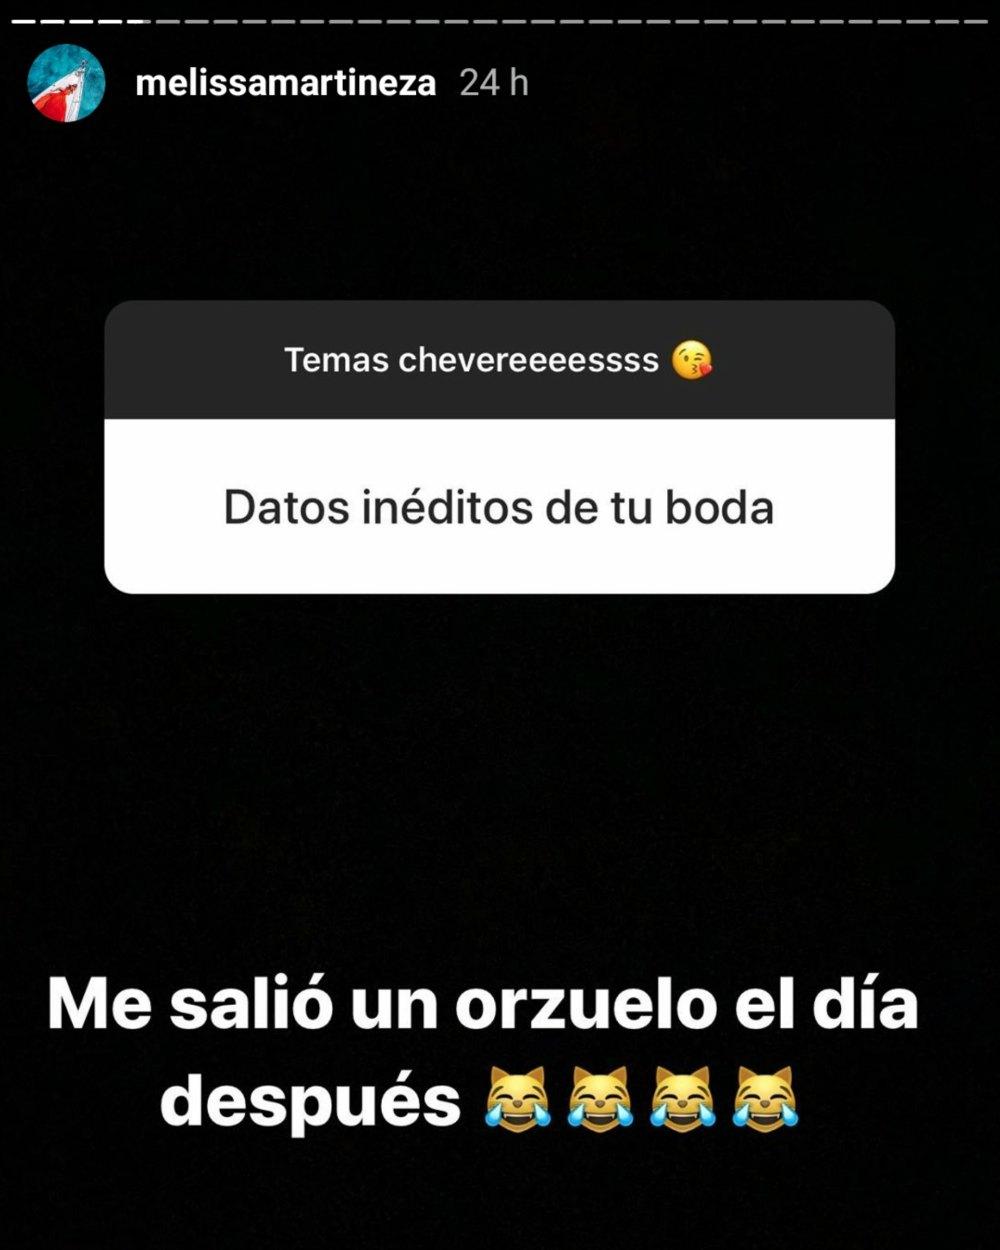 Melissa Martínez confiesa que le salió un orzuelo un día después de casarse